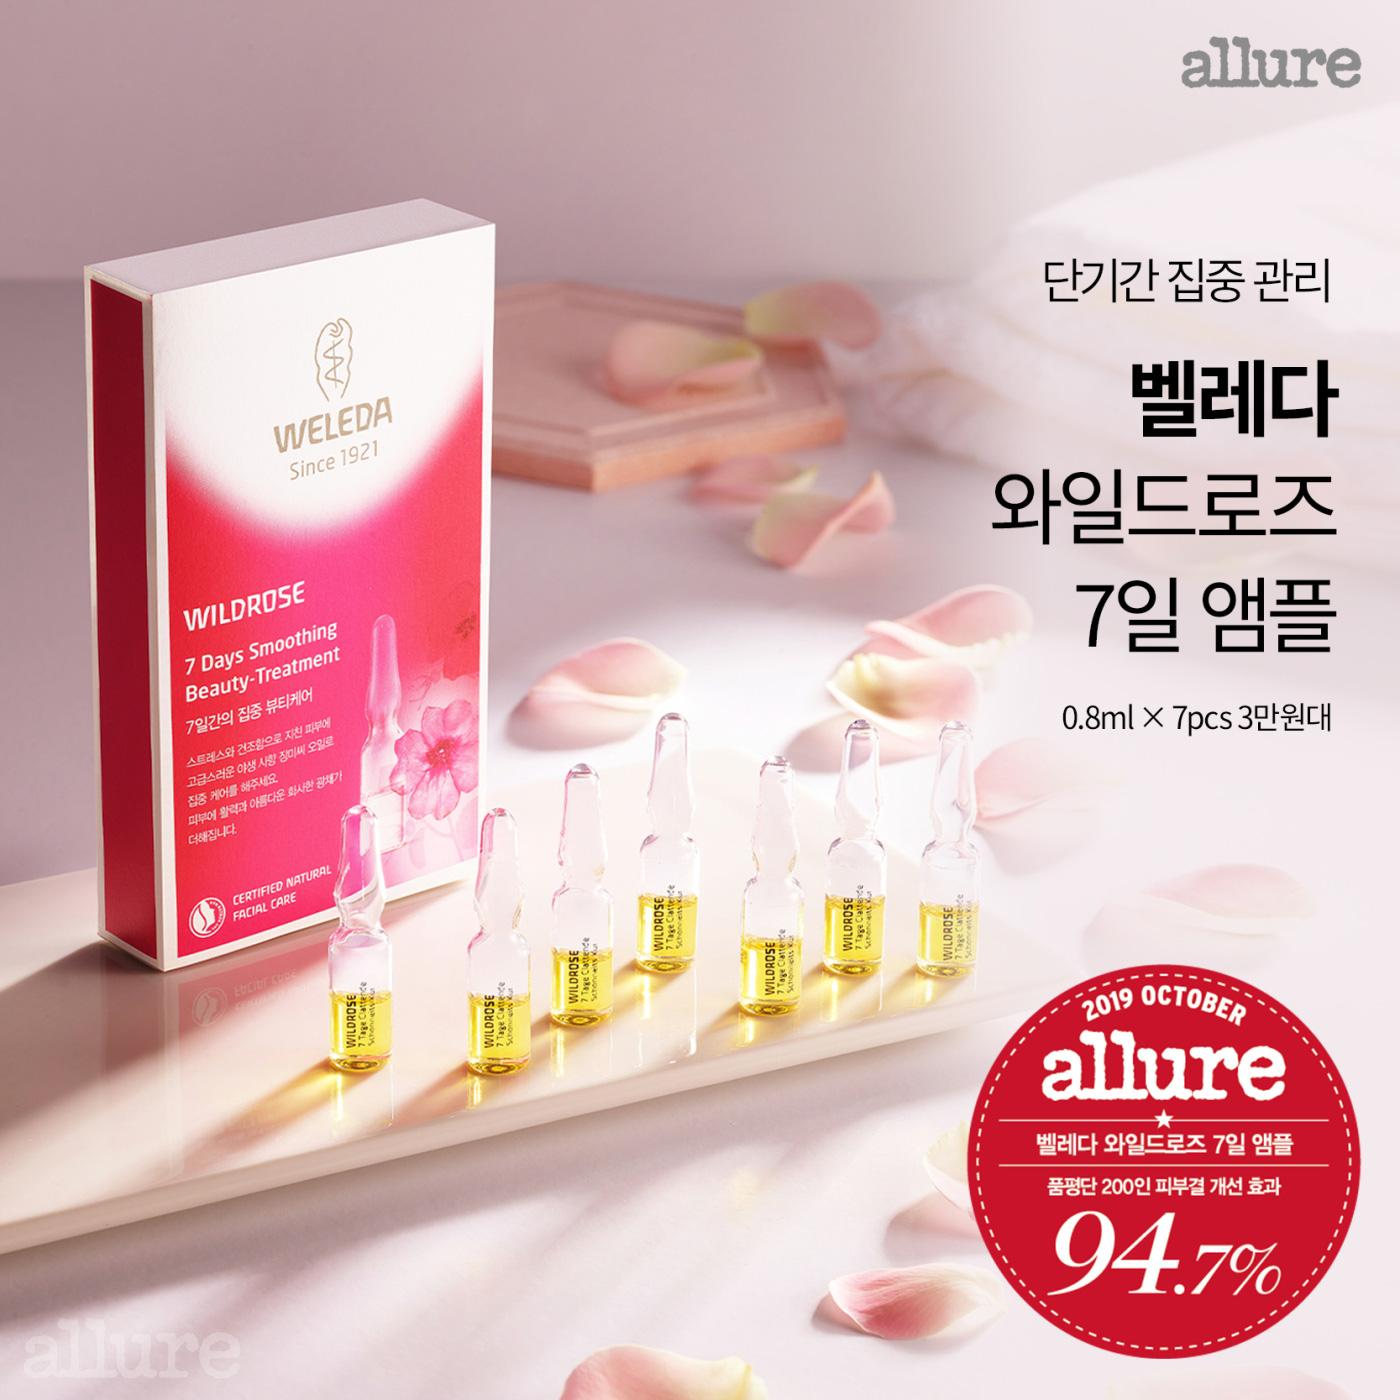 벨레다_카드뉴스-1 수정3